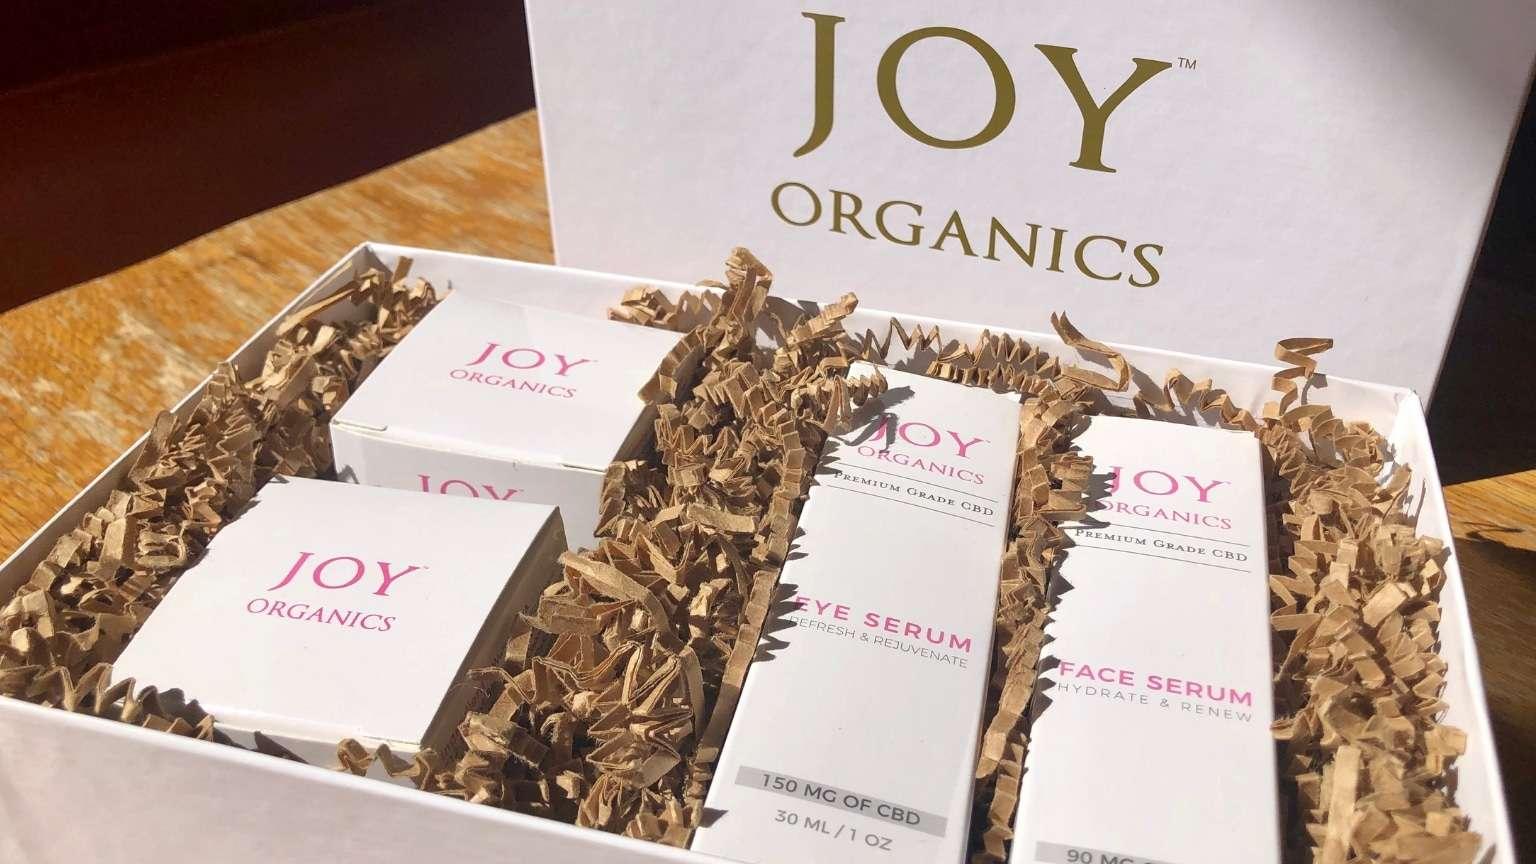 joy-organics-cbd-beauty-kit